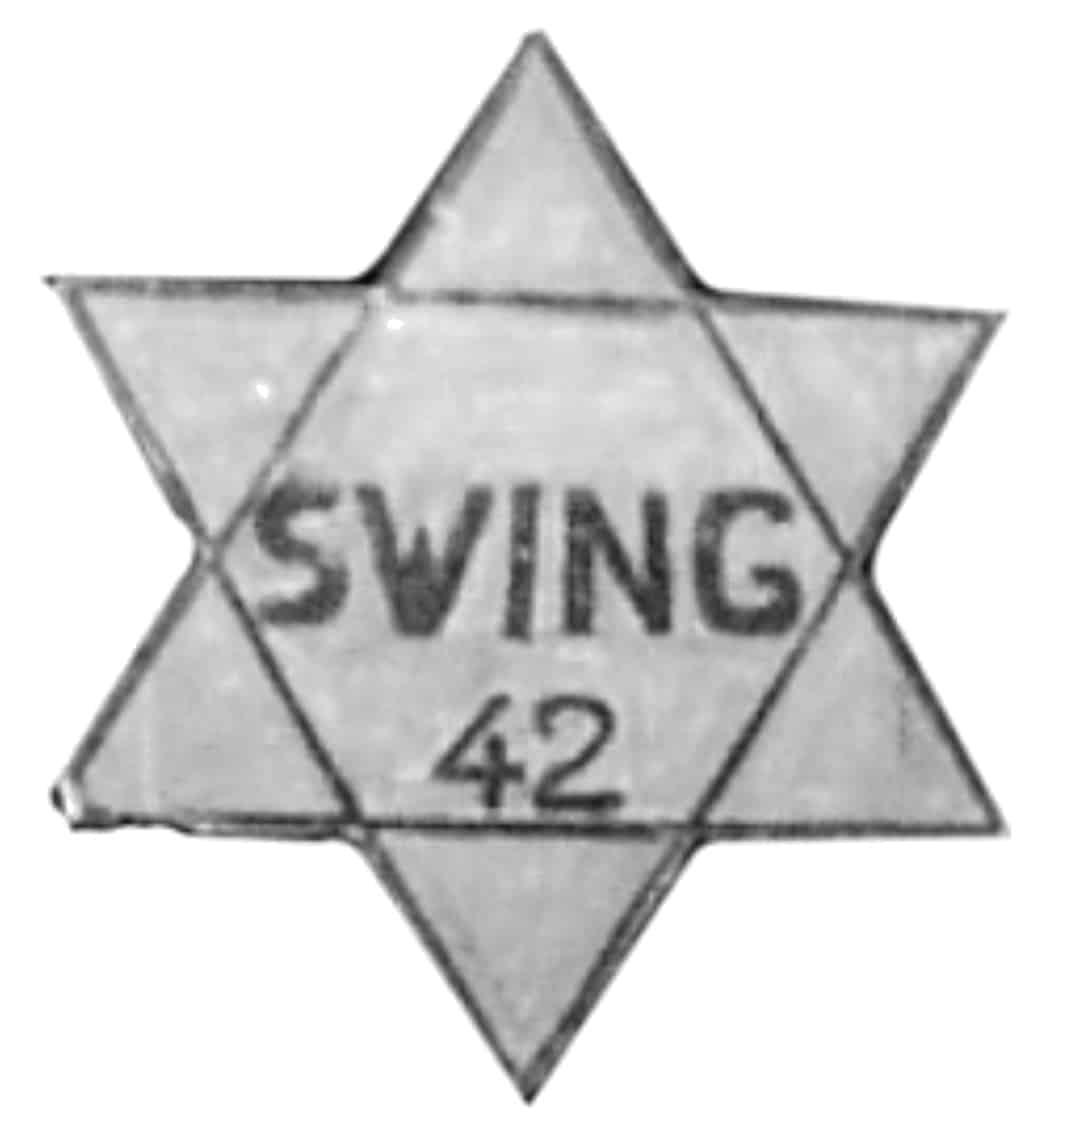 Una estrella nazi, también customizada por los 'swingers'